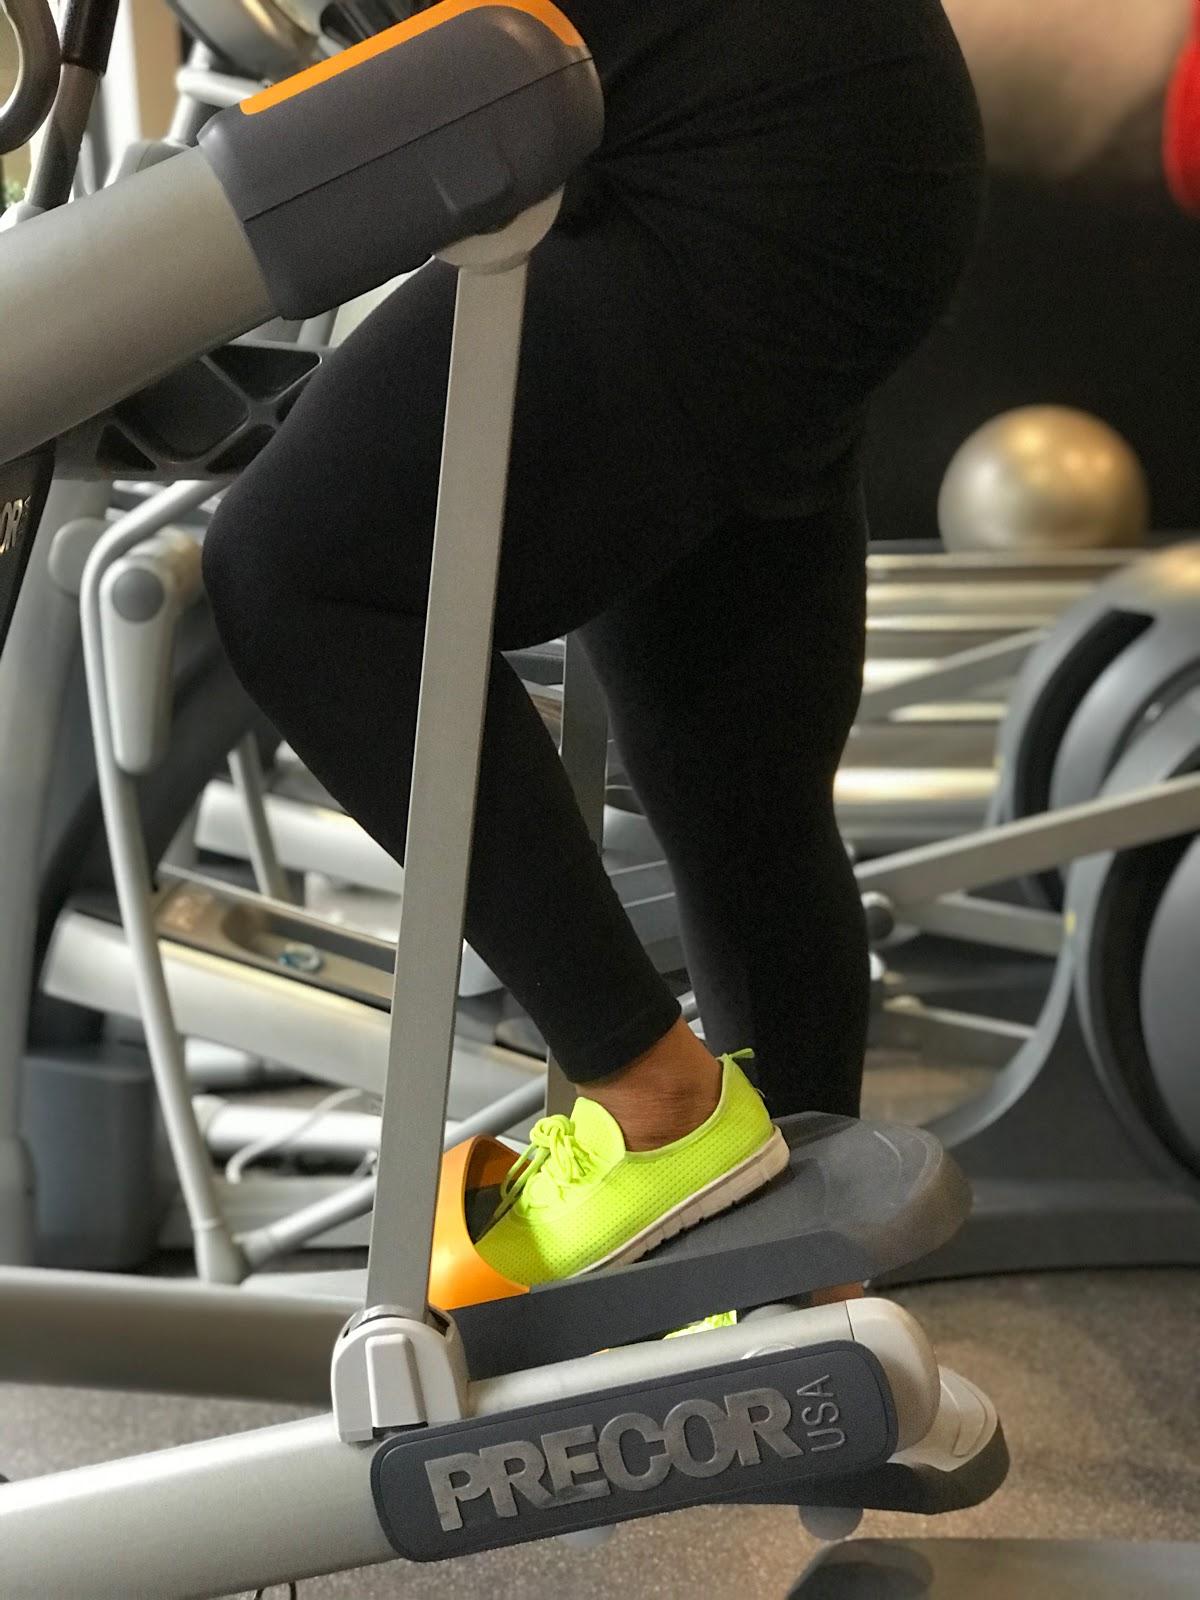 My Morning Exercise: elliptical machine. #beingfortysomething